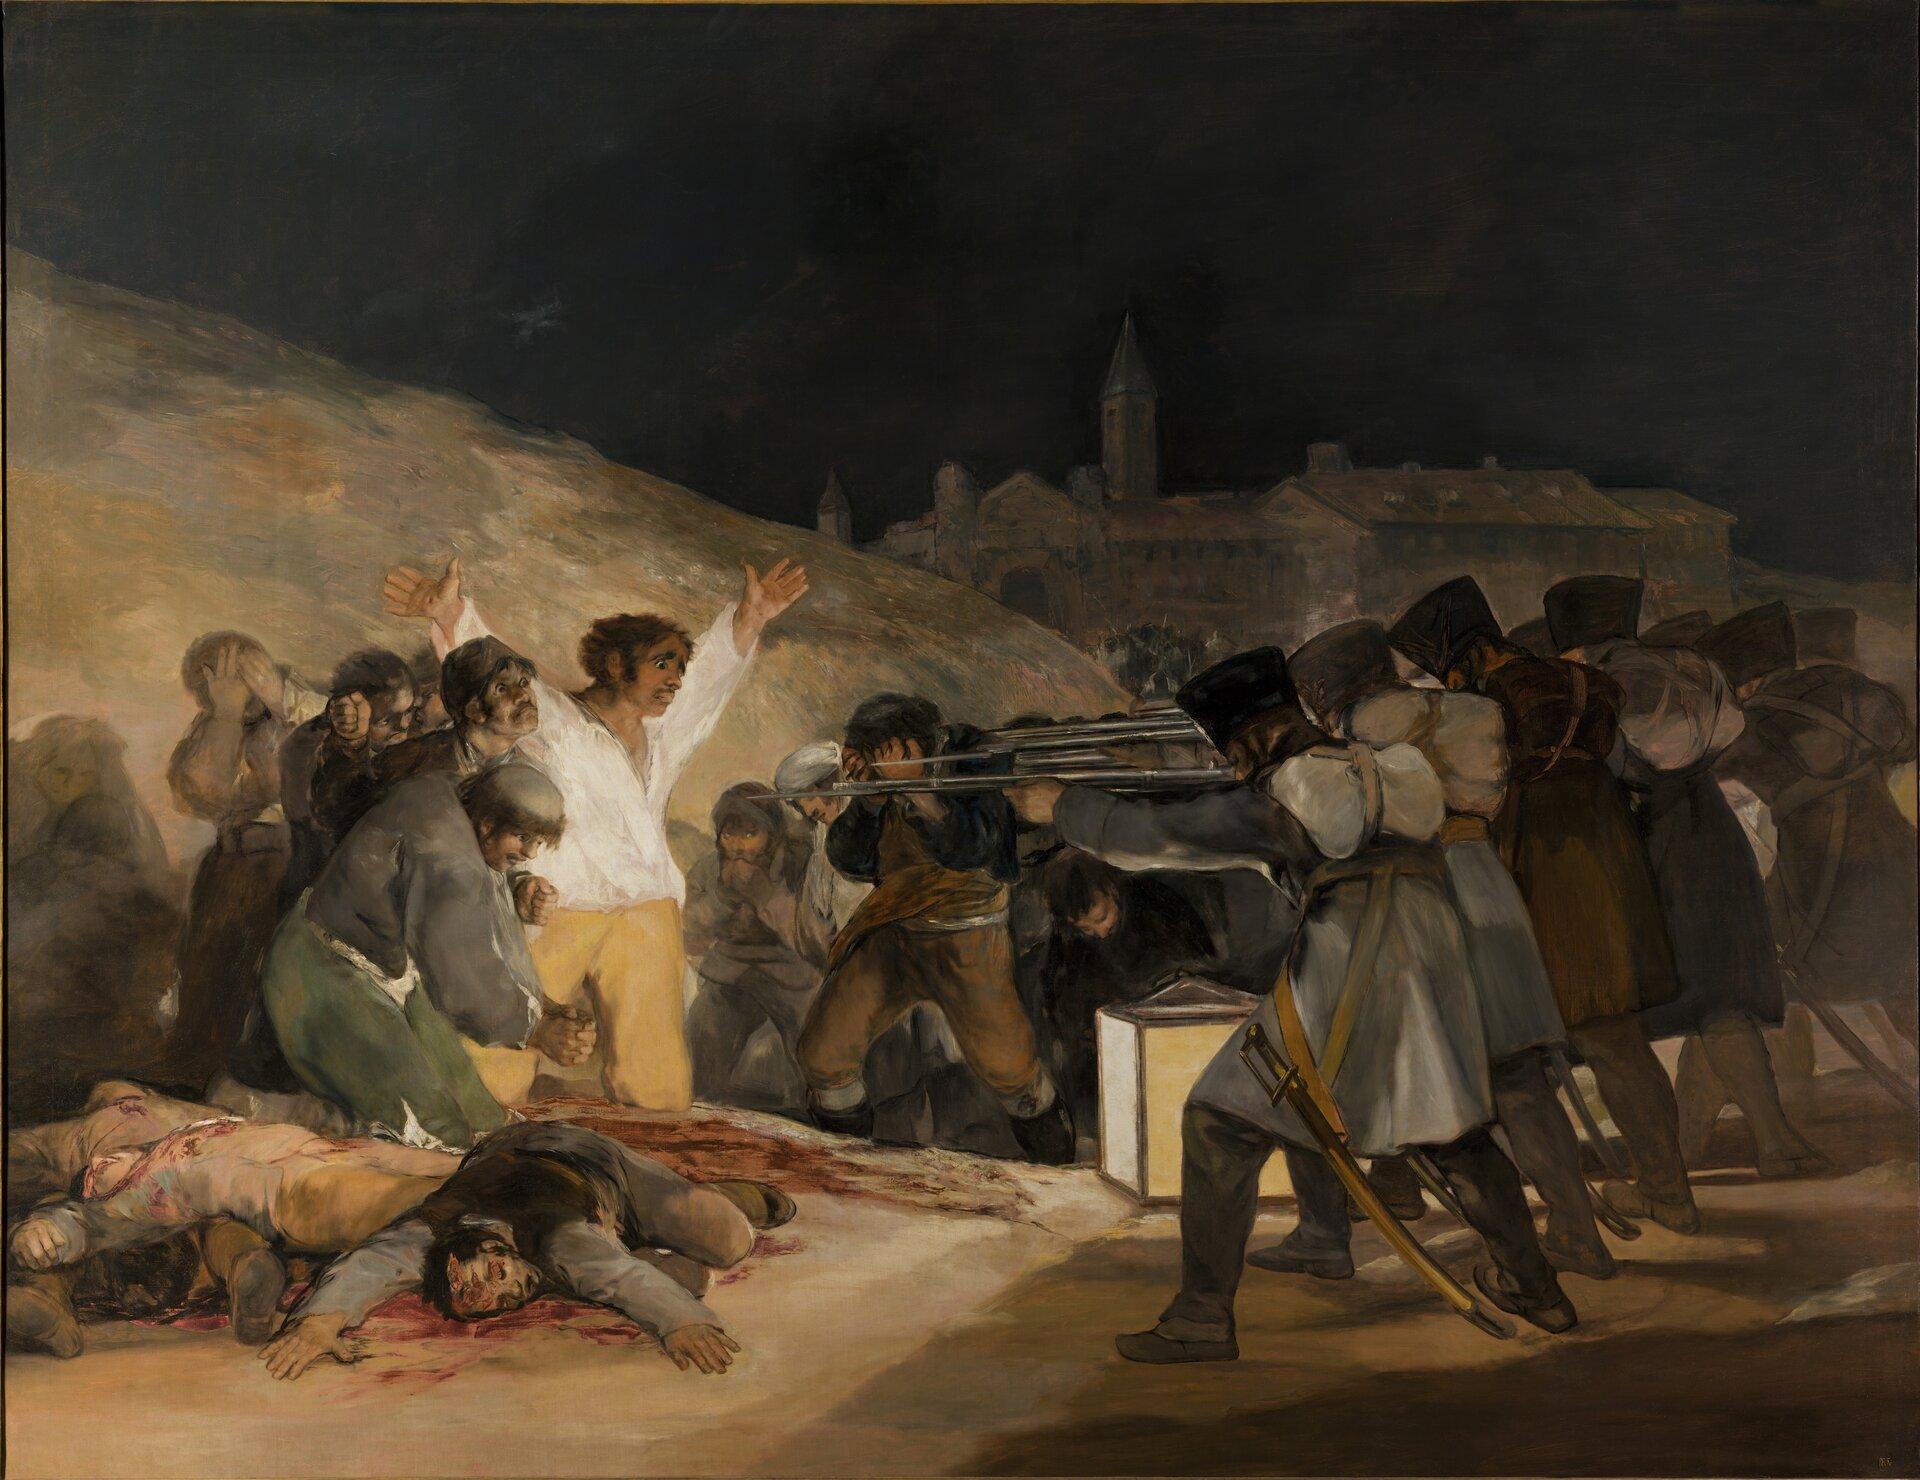 """Ilustracja przedstawia obraz Francisco Goya pt. """"Trzeci maja 1808"""" (albo """"Rozstrzelanie powstańców madryckich""""). Obraz powstał w1814 roku. Zprawej strony obrazu znajduje się pluton egzekucyjny przygotowany do śmiertelnej salwy. Zlewej strony widzimy grupę osób, które zostaną rozstrzelane. Wśród nich znajduje się mężczyzna wbiałej koszuli zrękoma rozłożonymi na boki. Światło obrazu rozświetla właśnie tę postać. Na obrazie widoczna jest także grupa mężczyzn zakrywająca twarz rękoma. Za postaciami znajduje się panorama miasta."""